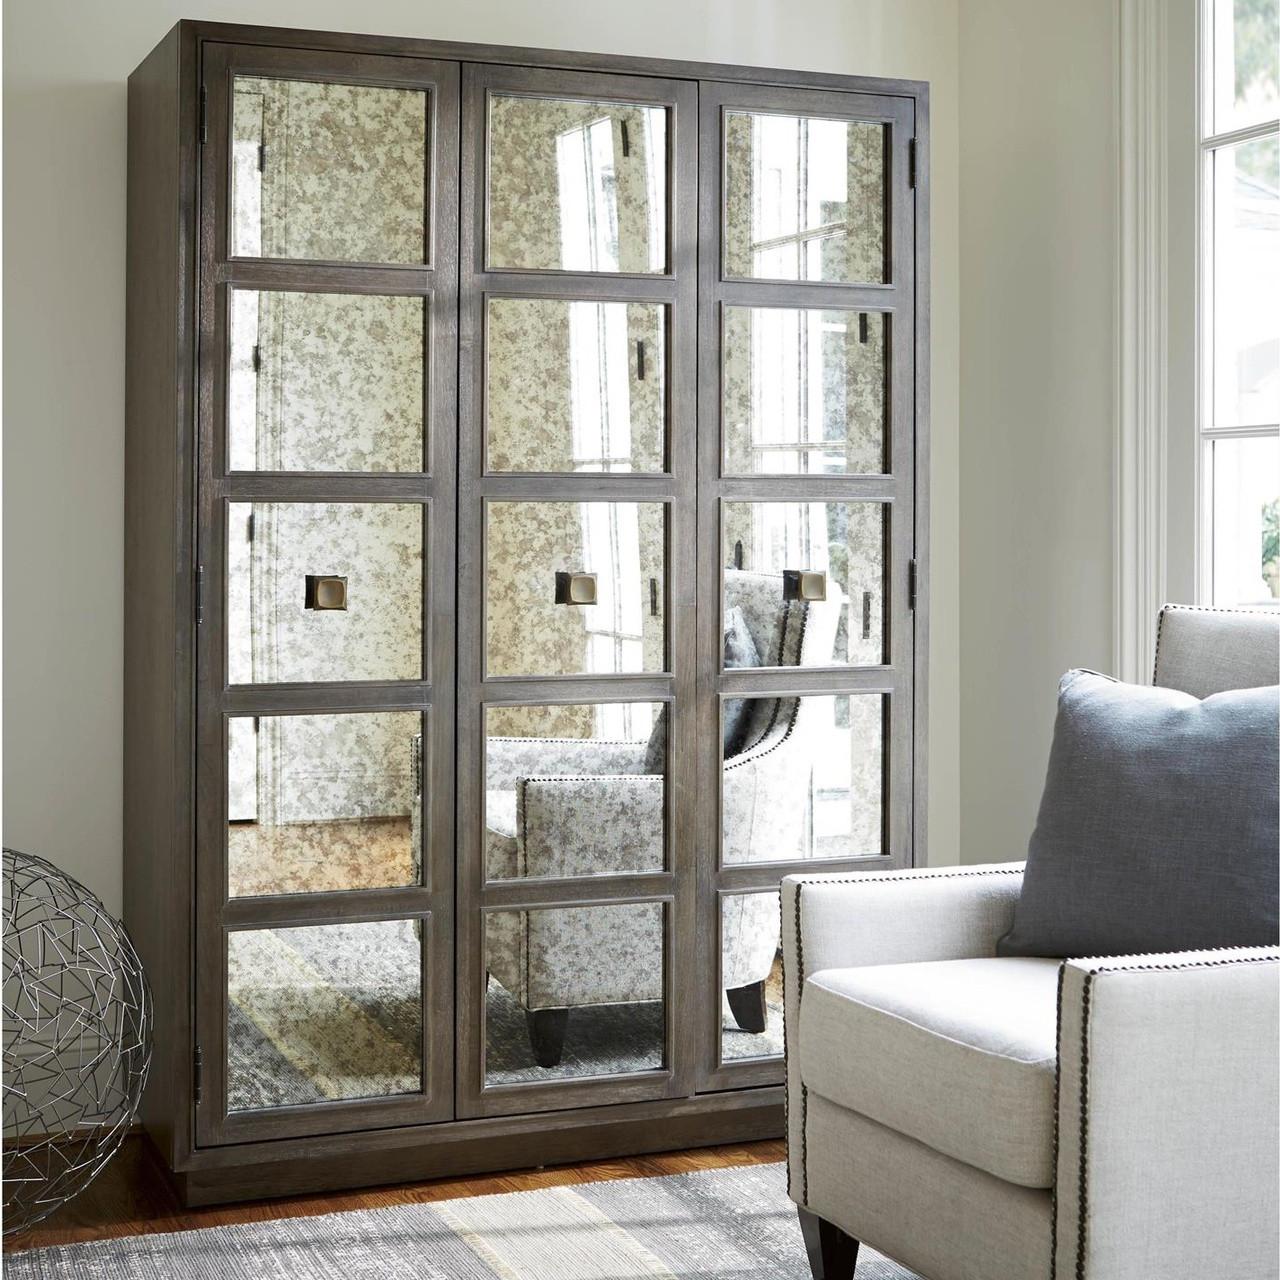 Playlist Antique Mirrored Armoire Wardrobe - Playlist Antique Mirrored Armoire Wardrobe Zin Home